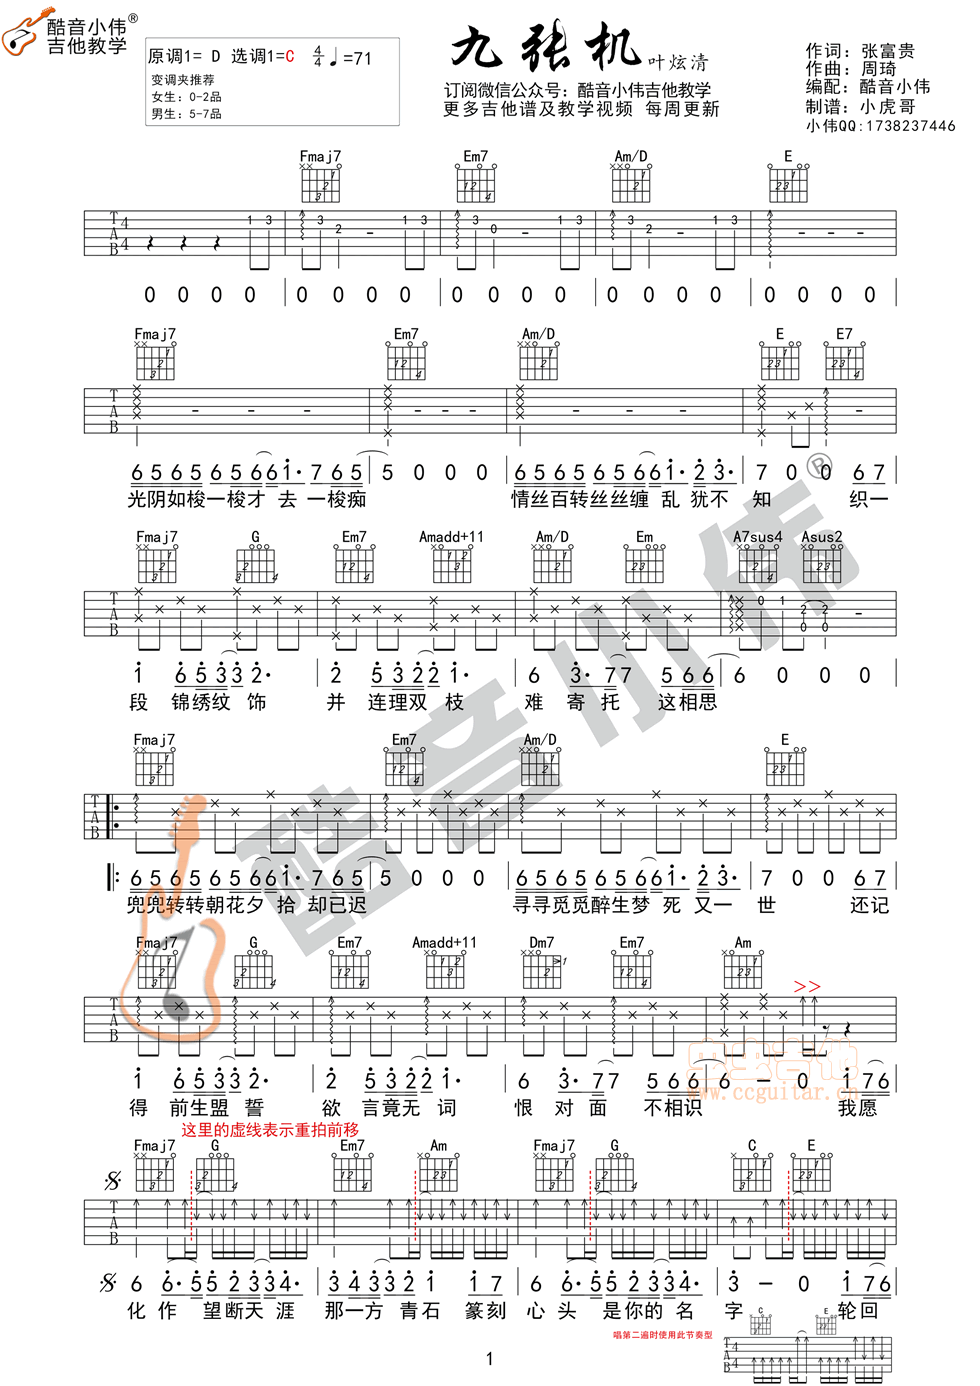 九张机 叶炫清酷音小伟吉他教学c调六线吉他谱 虫虫吉他谱免费下载